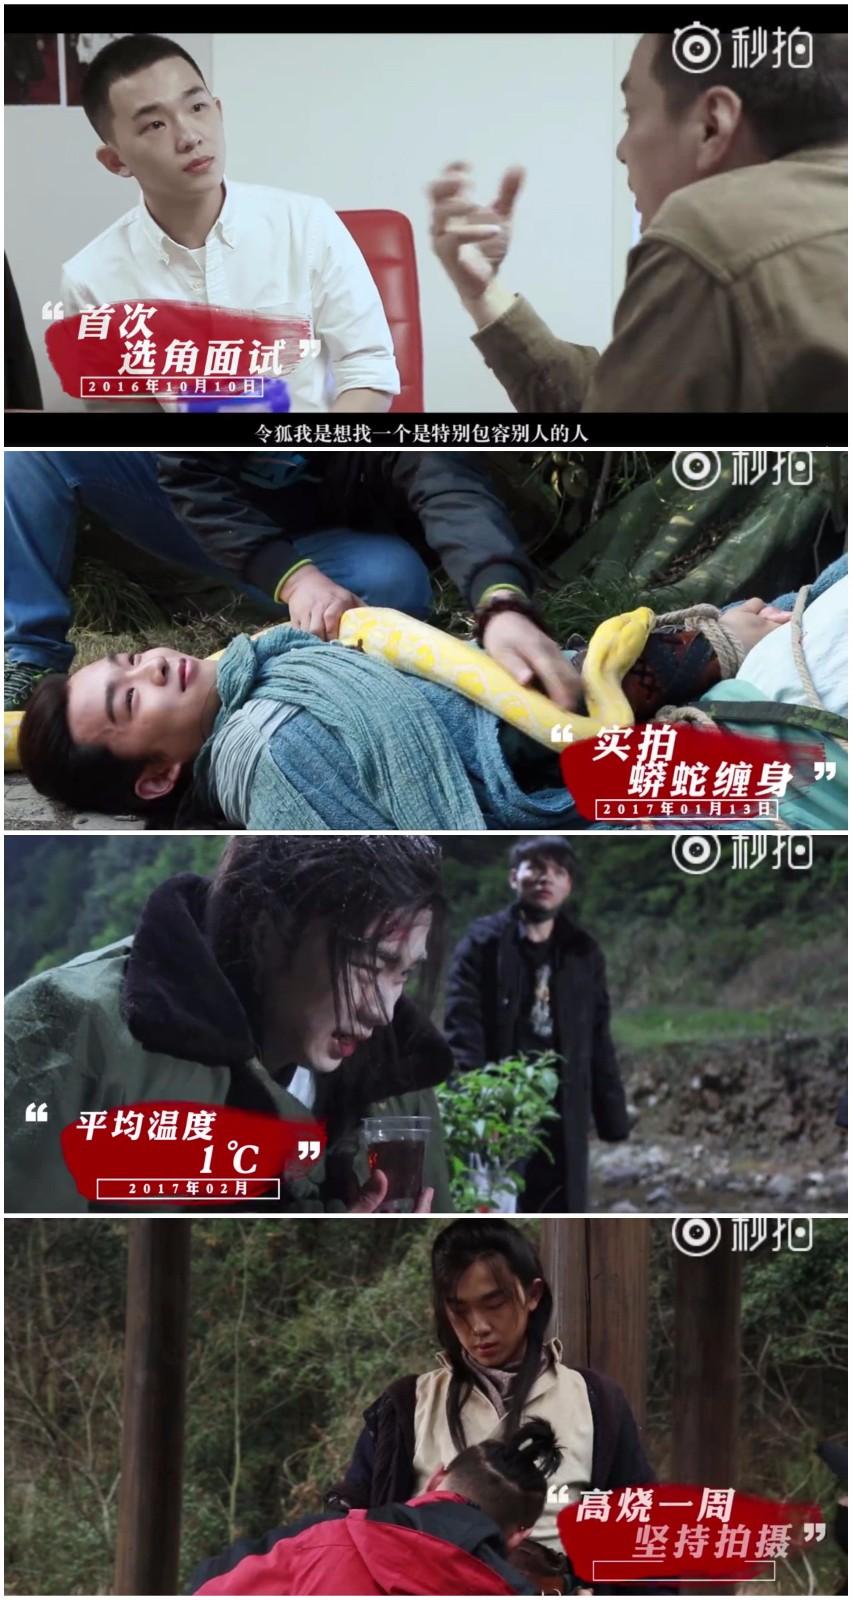 新笑傲江湖》热播 丁冠森版令狐冲渐入佳境